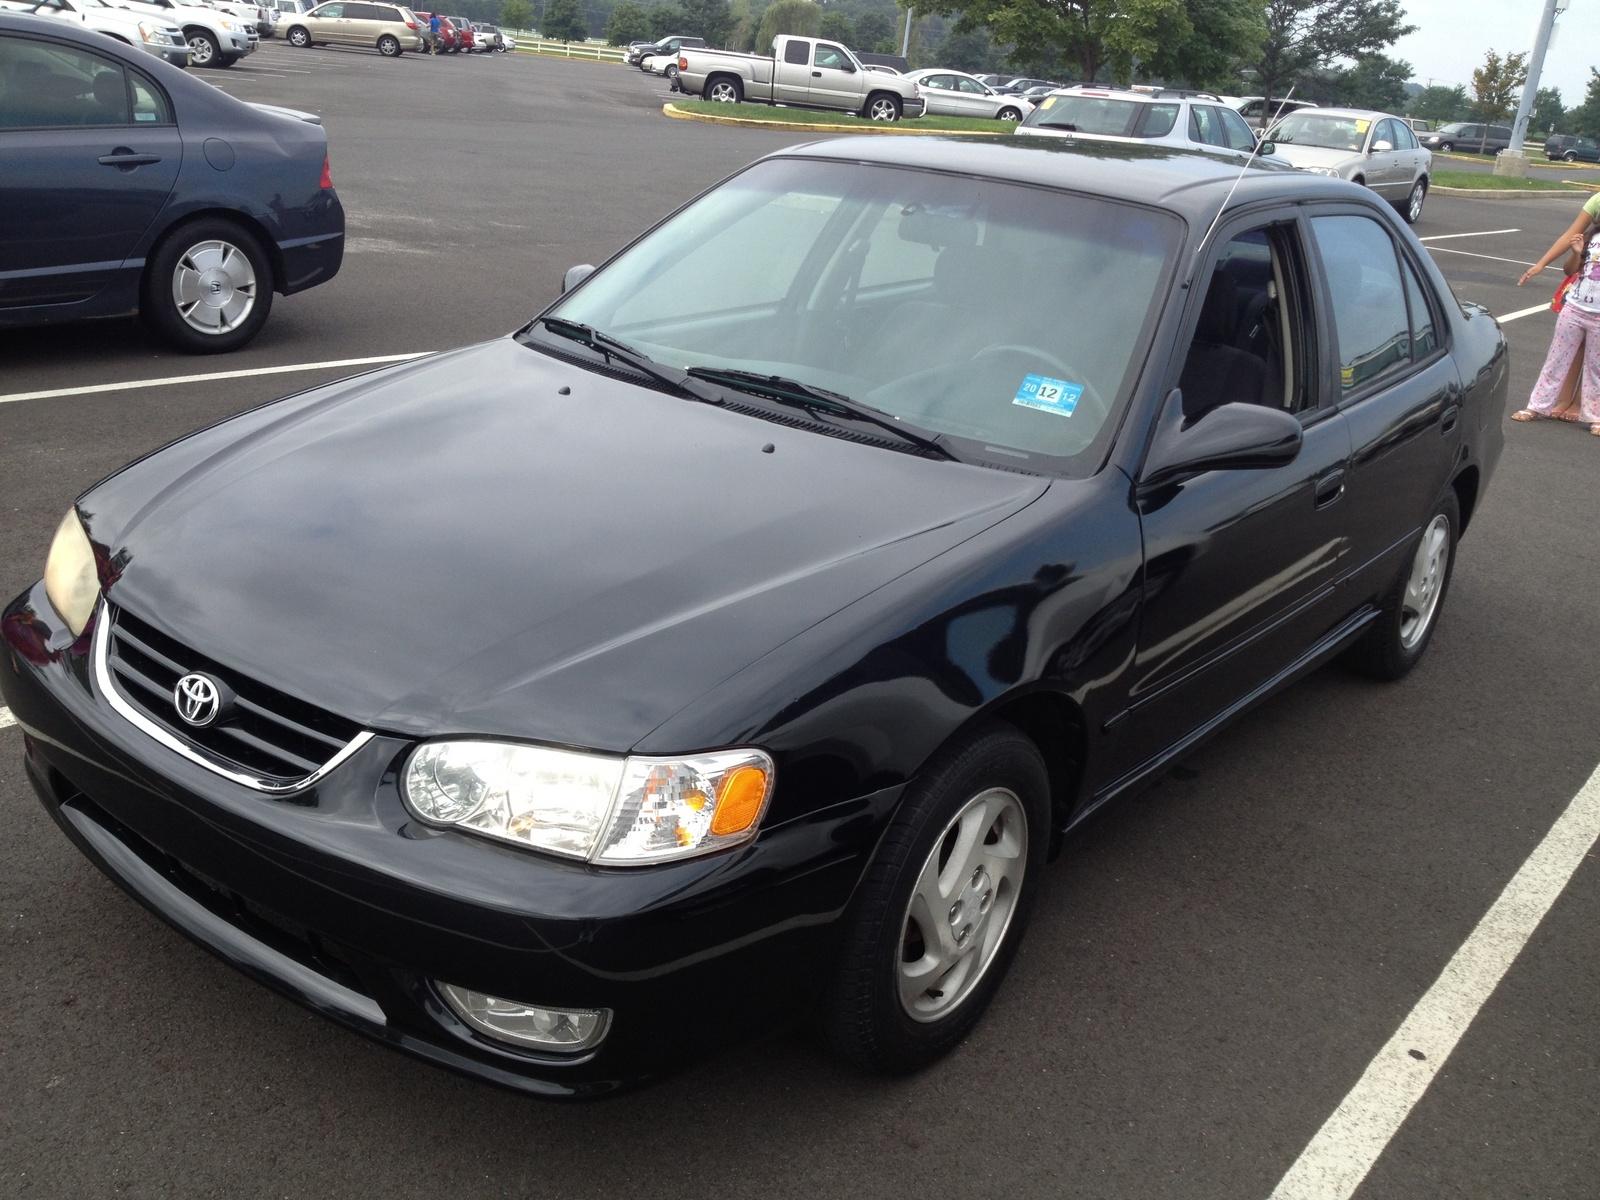 2001 Toyota Corolla - Pictures - CarGurus